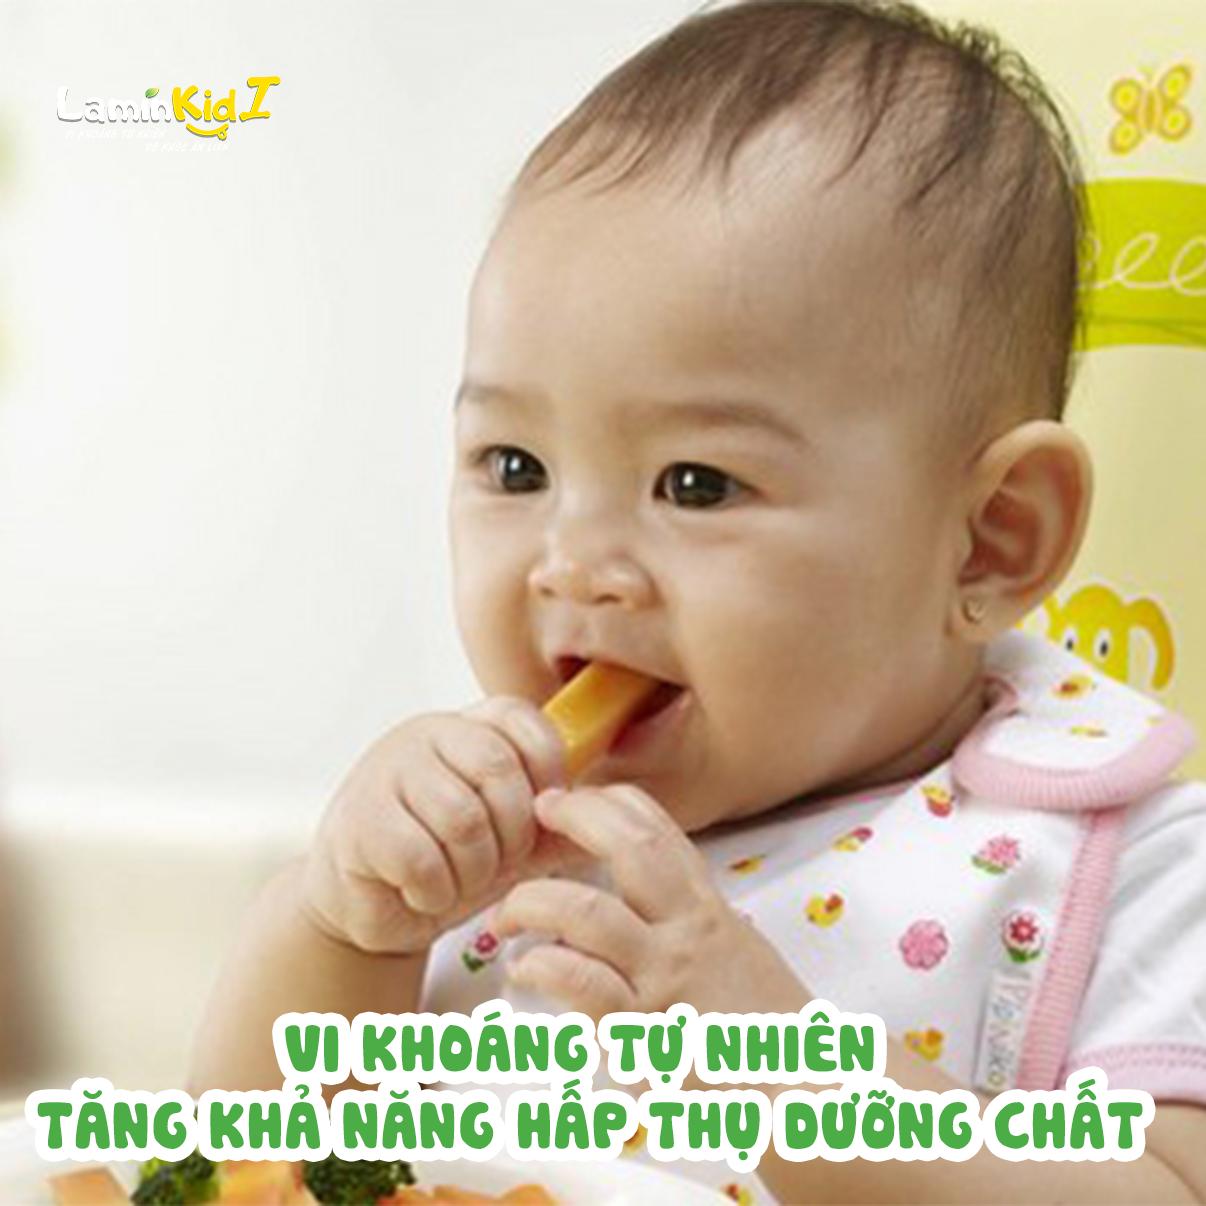 Vi khoáng tự nhiên giúp cho trẻ hấp thu dưỡng chất